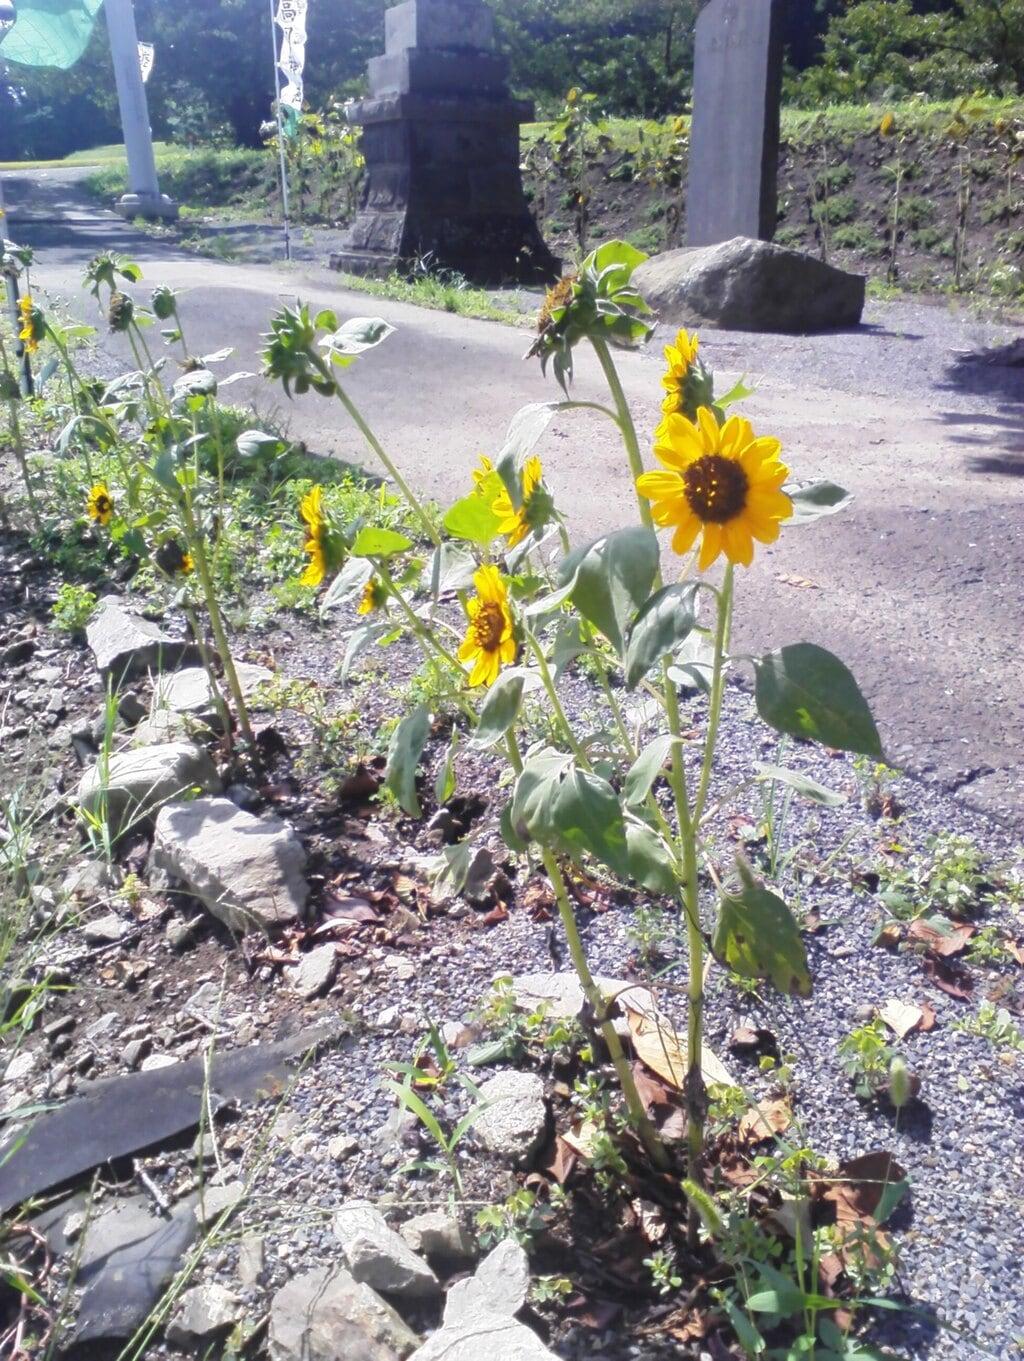 高司神社〜むすびの神の鎮まる社〜の庭園